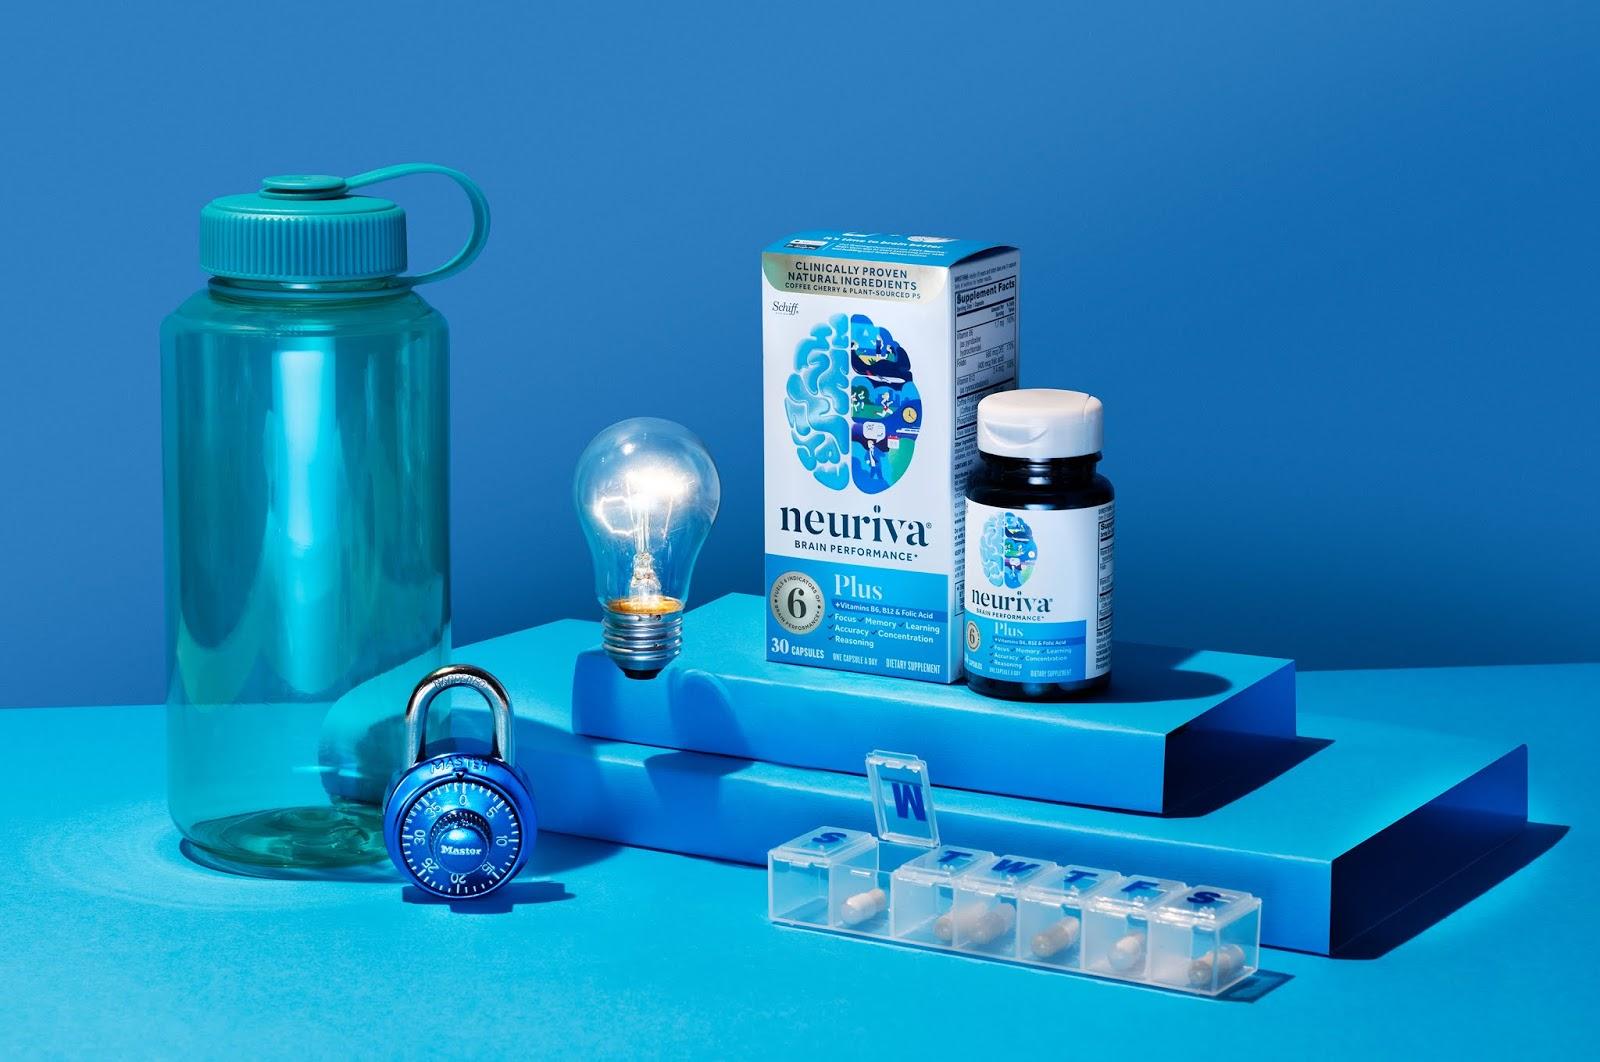 Neuriva 大脑健康营养补充系列保健品包装设计